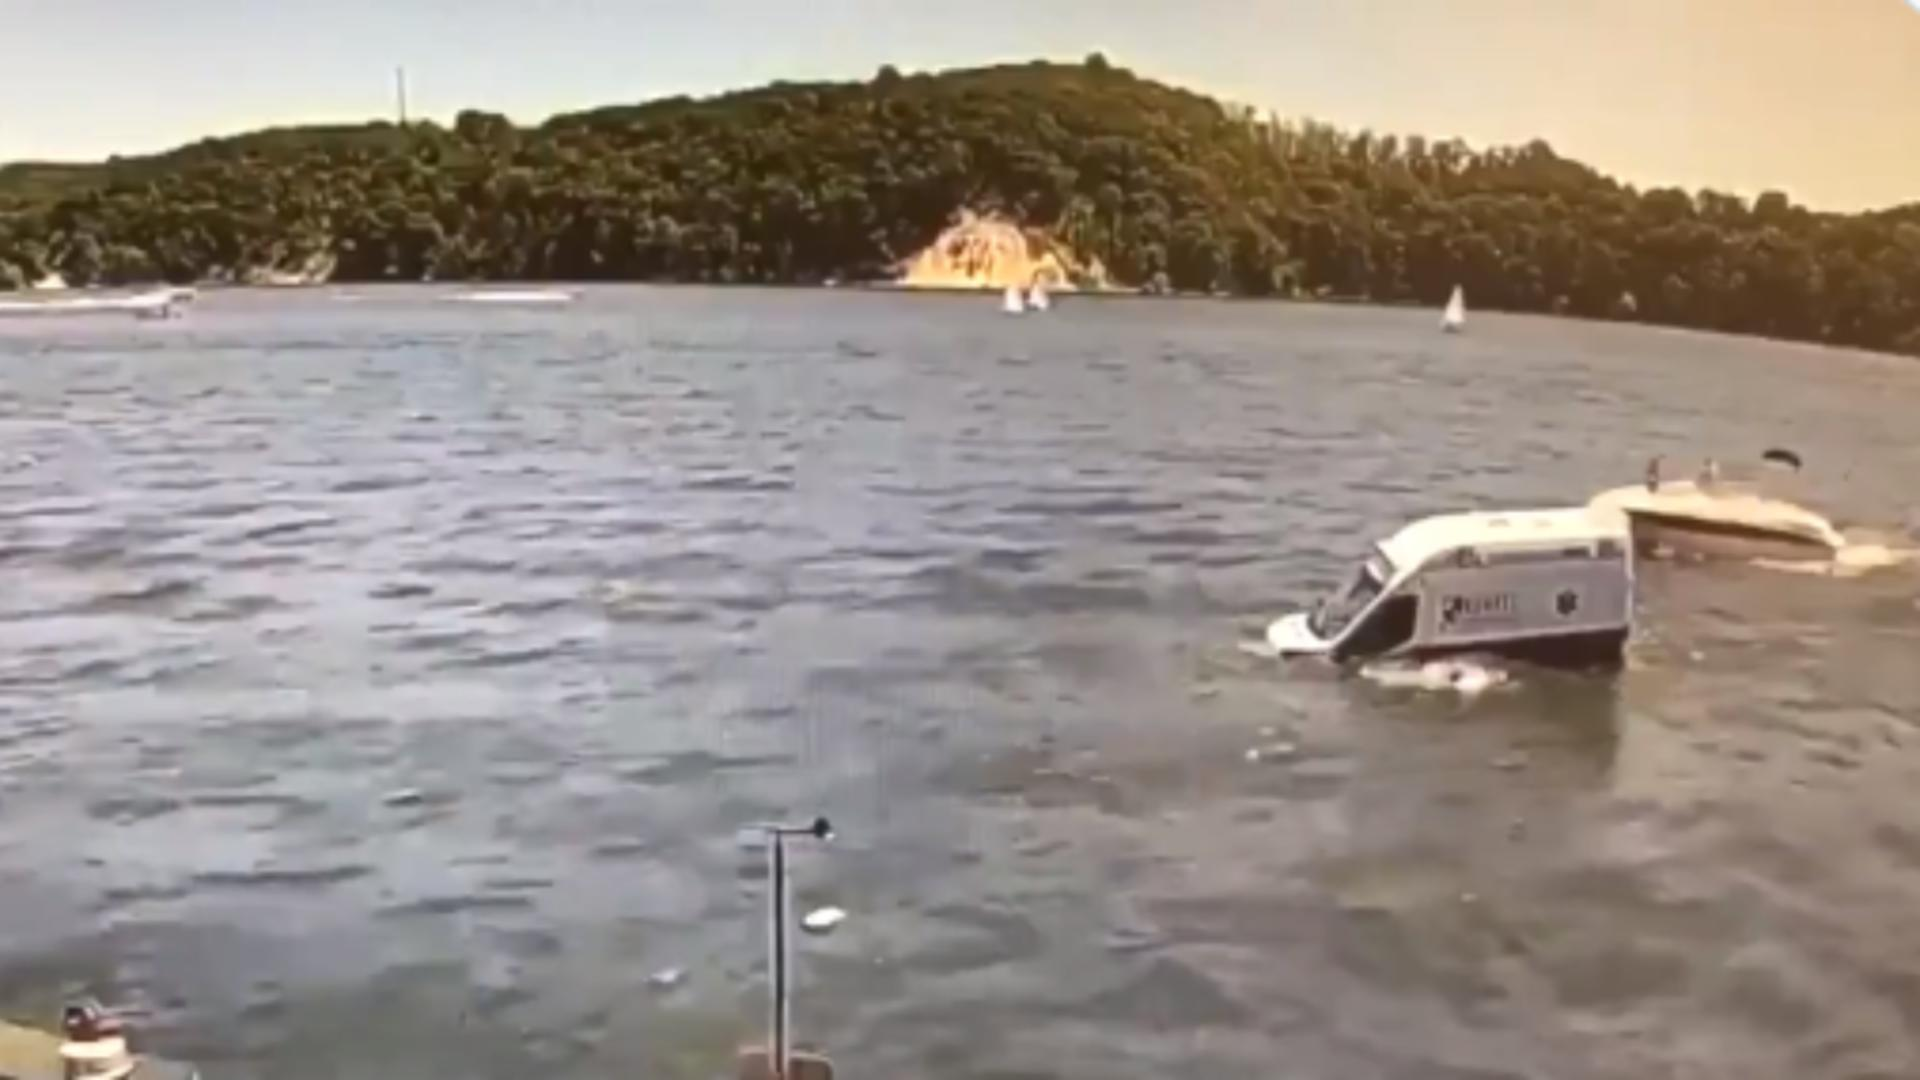 Ambulanță căzută în Golful Irondequoit / Captură foto Twitter